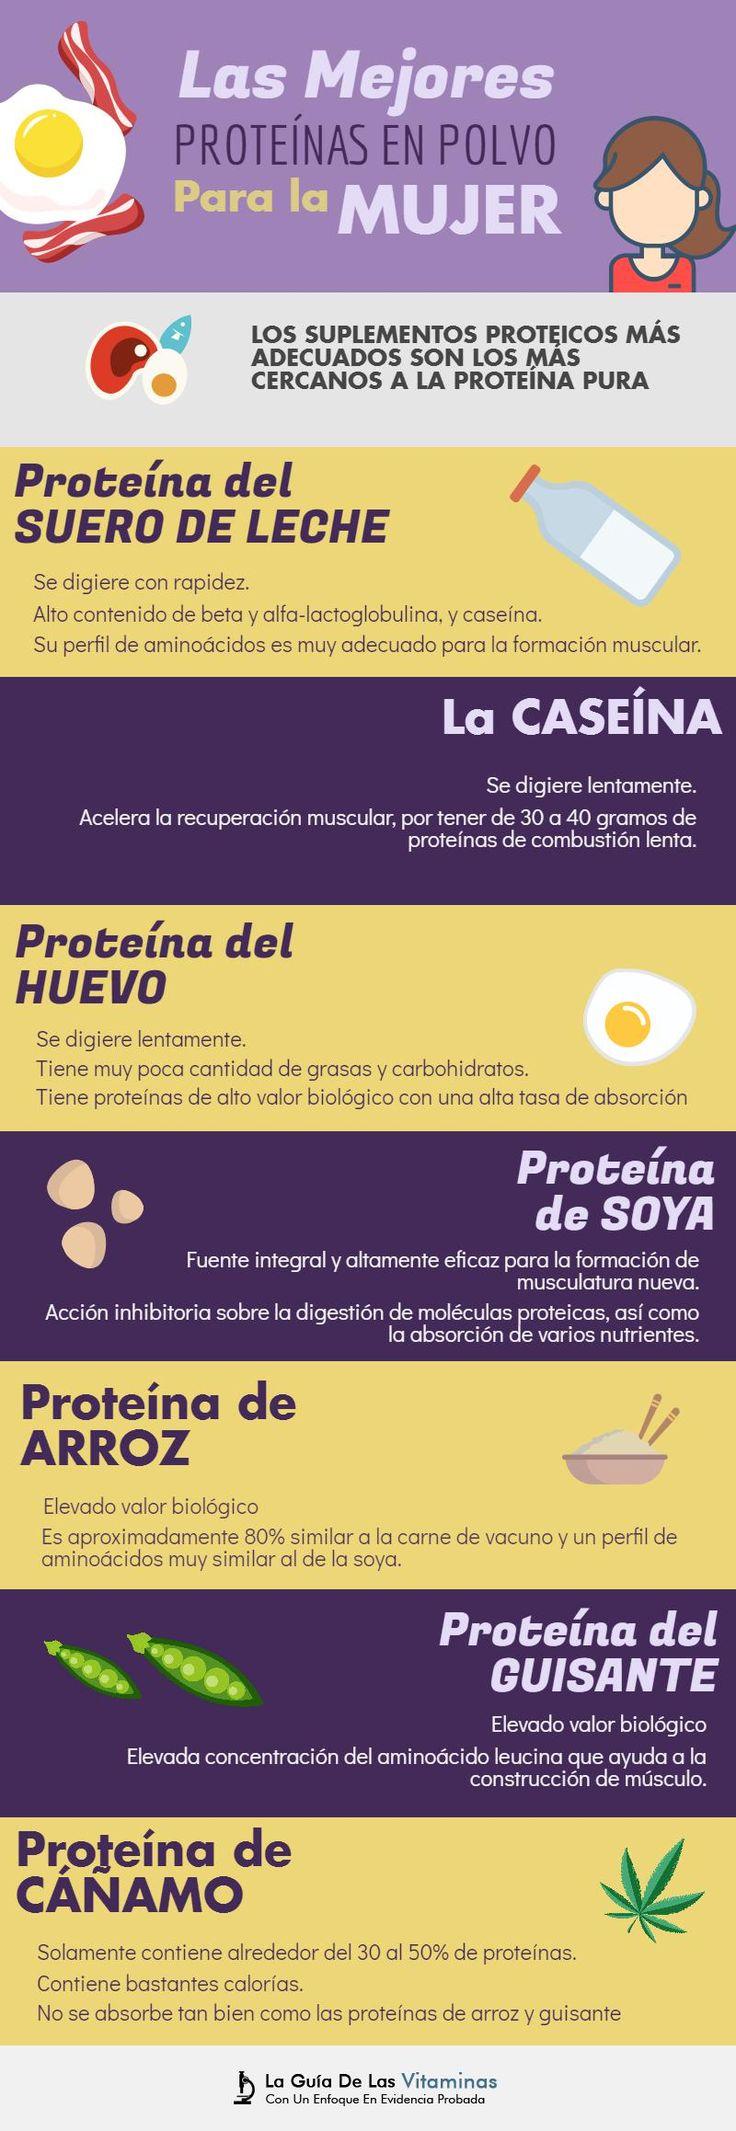 Las Mejores Proteínas En Polvo Para La Mujer (No Es Lo Que Piensas) - La Guía de las Vitaminas